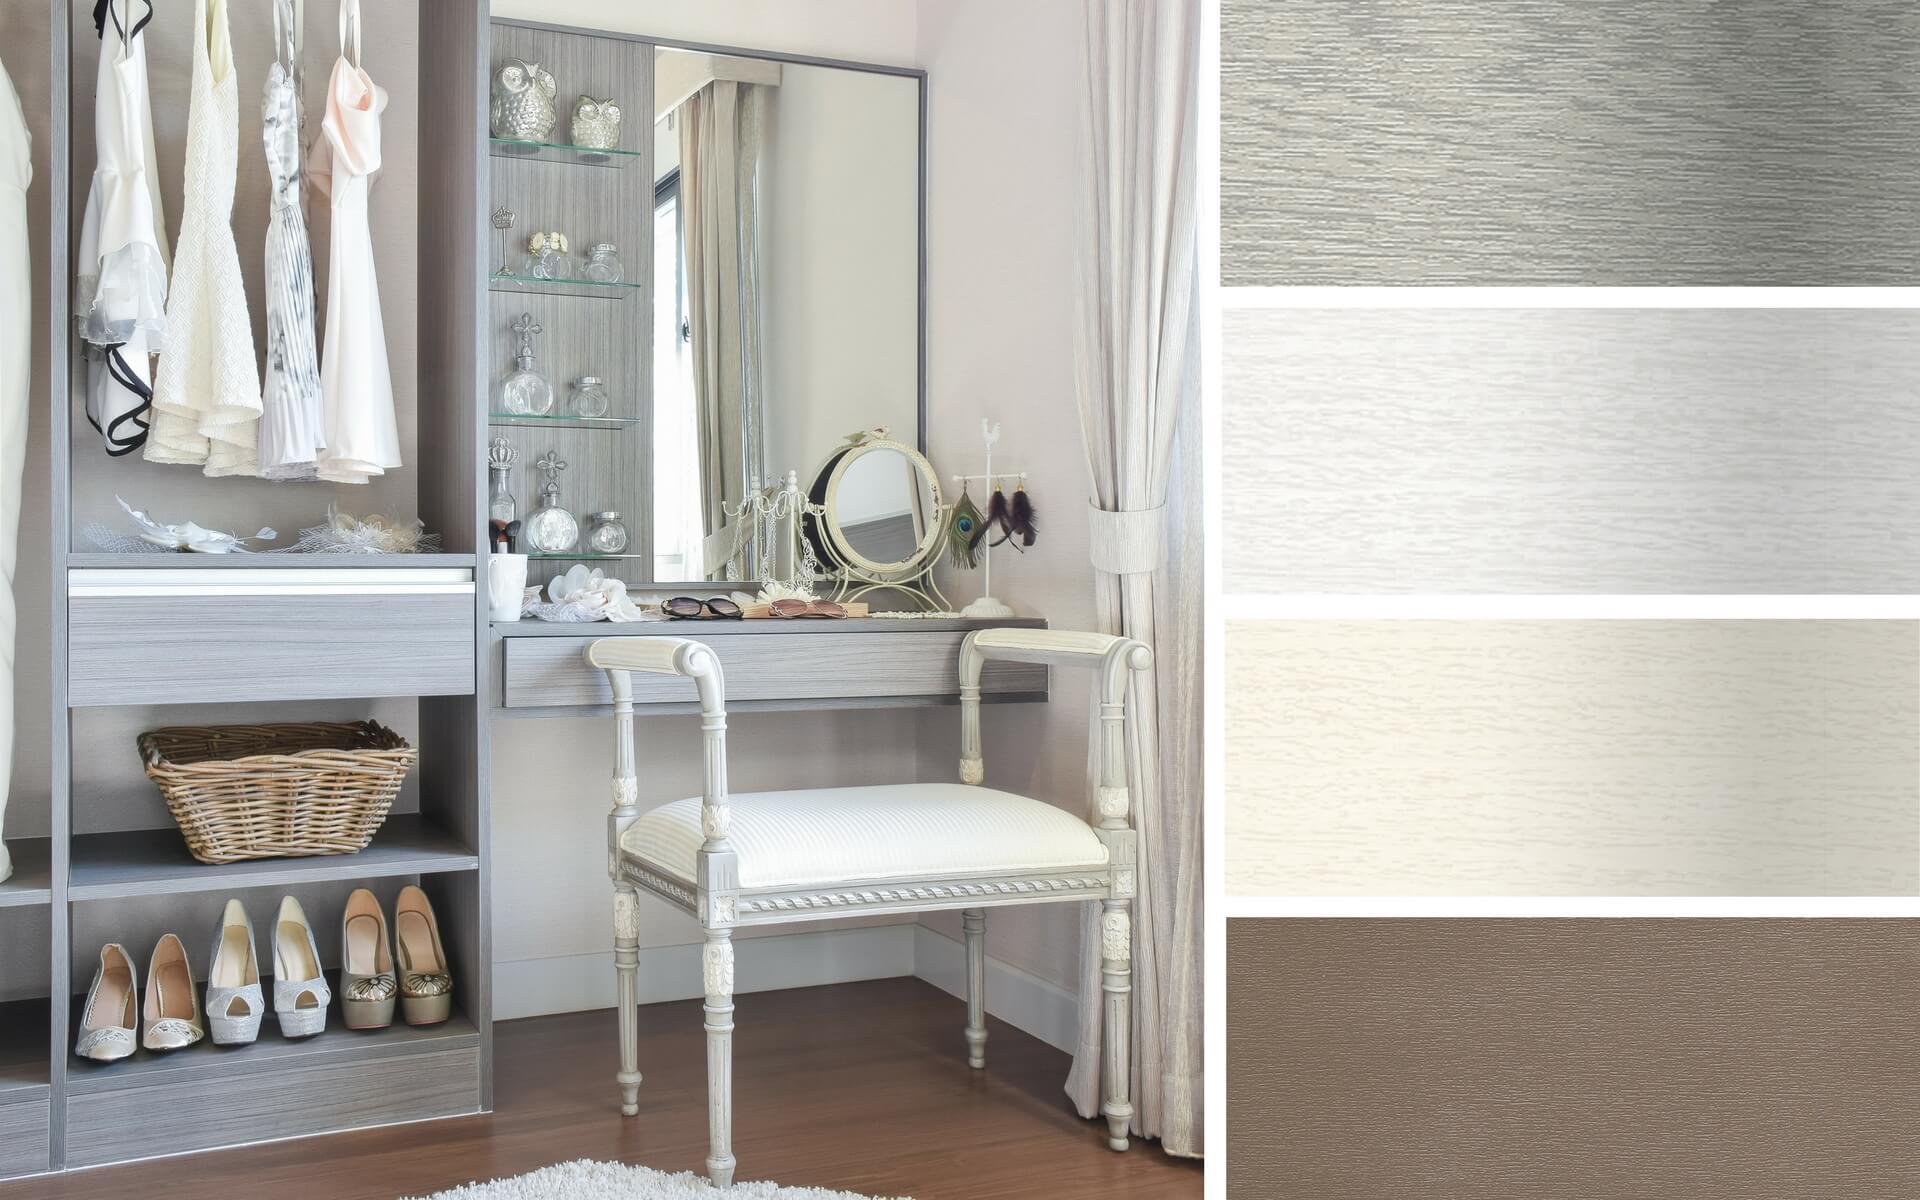 Consigli di come arredare la casa in stile shabby chic - Casa stile shabby ...